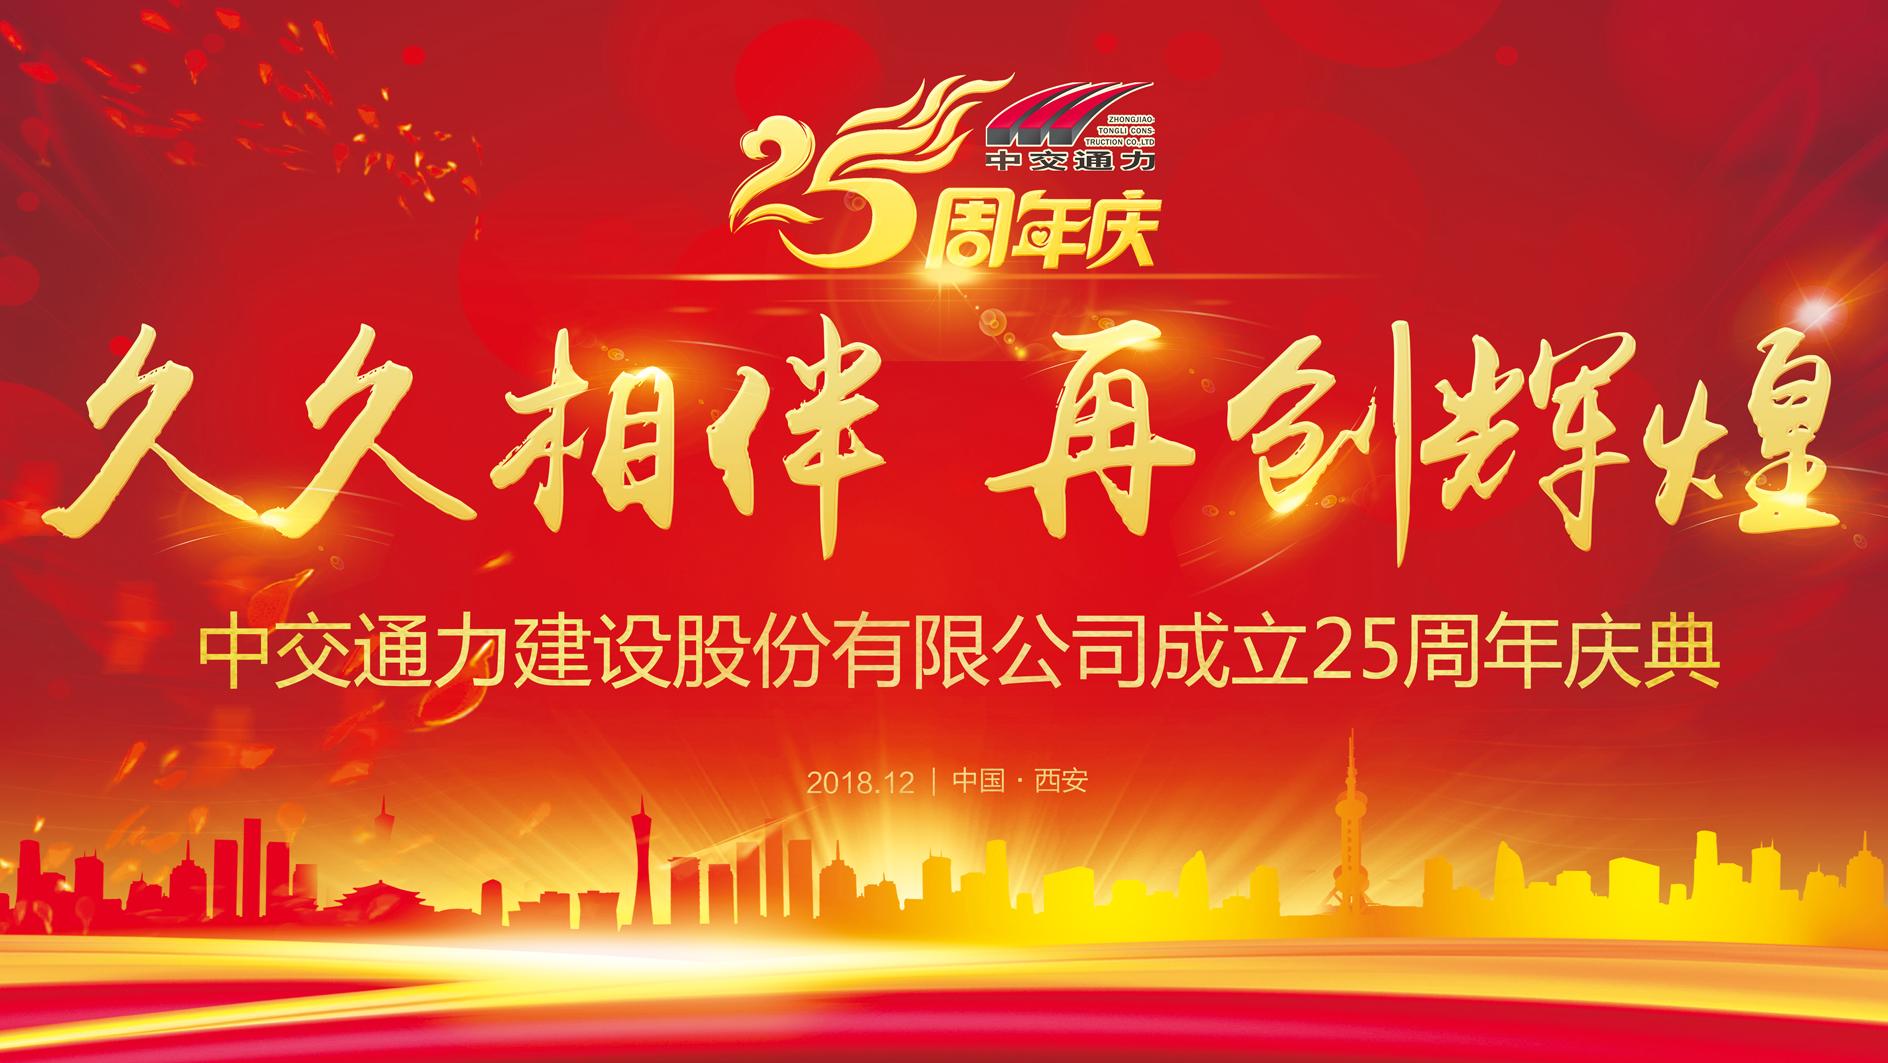 中交通力25周年庆典